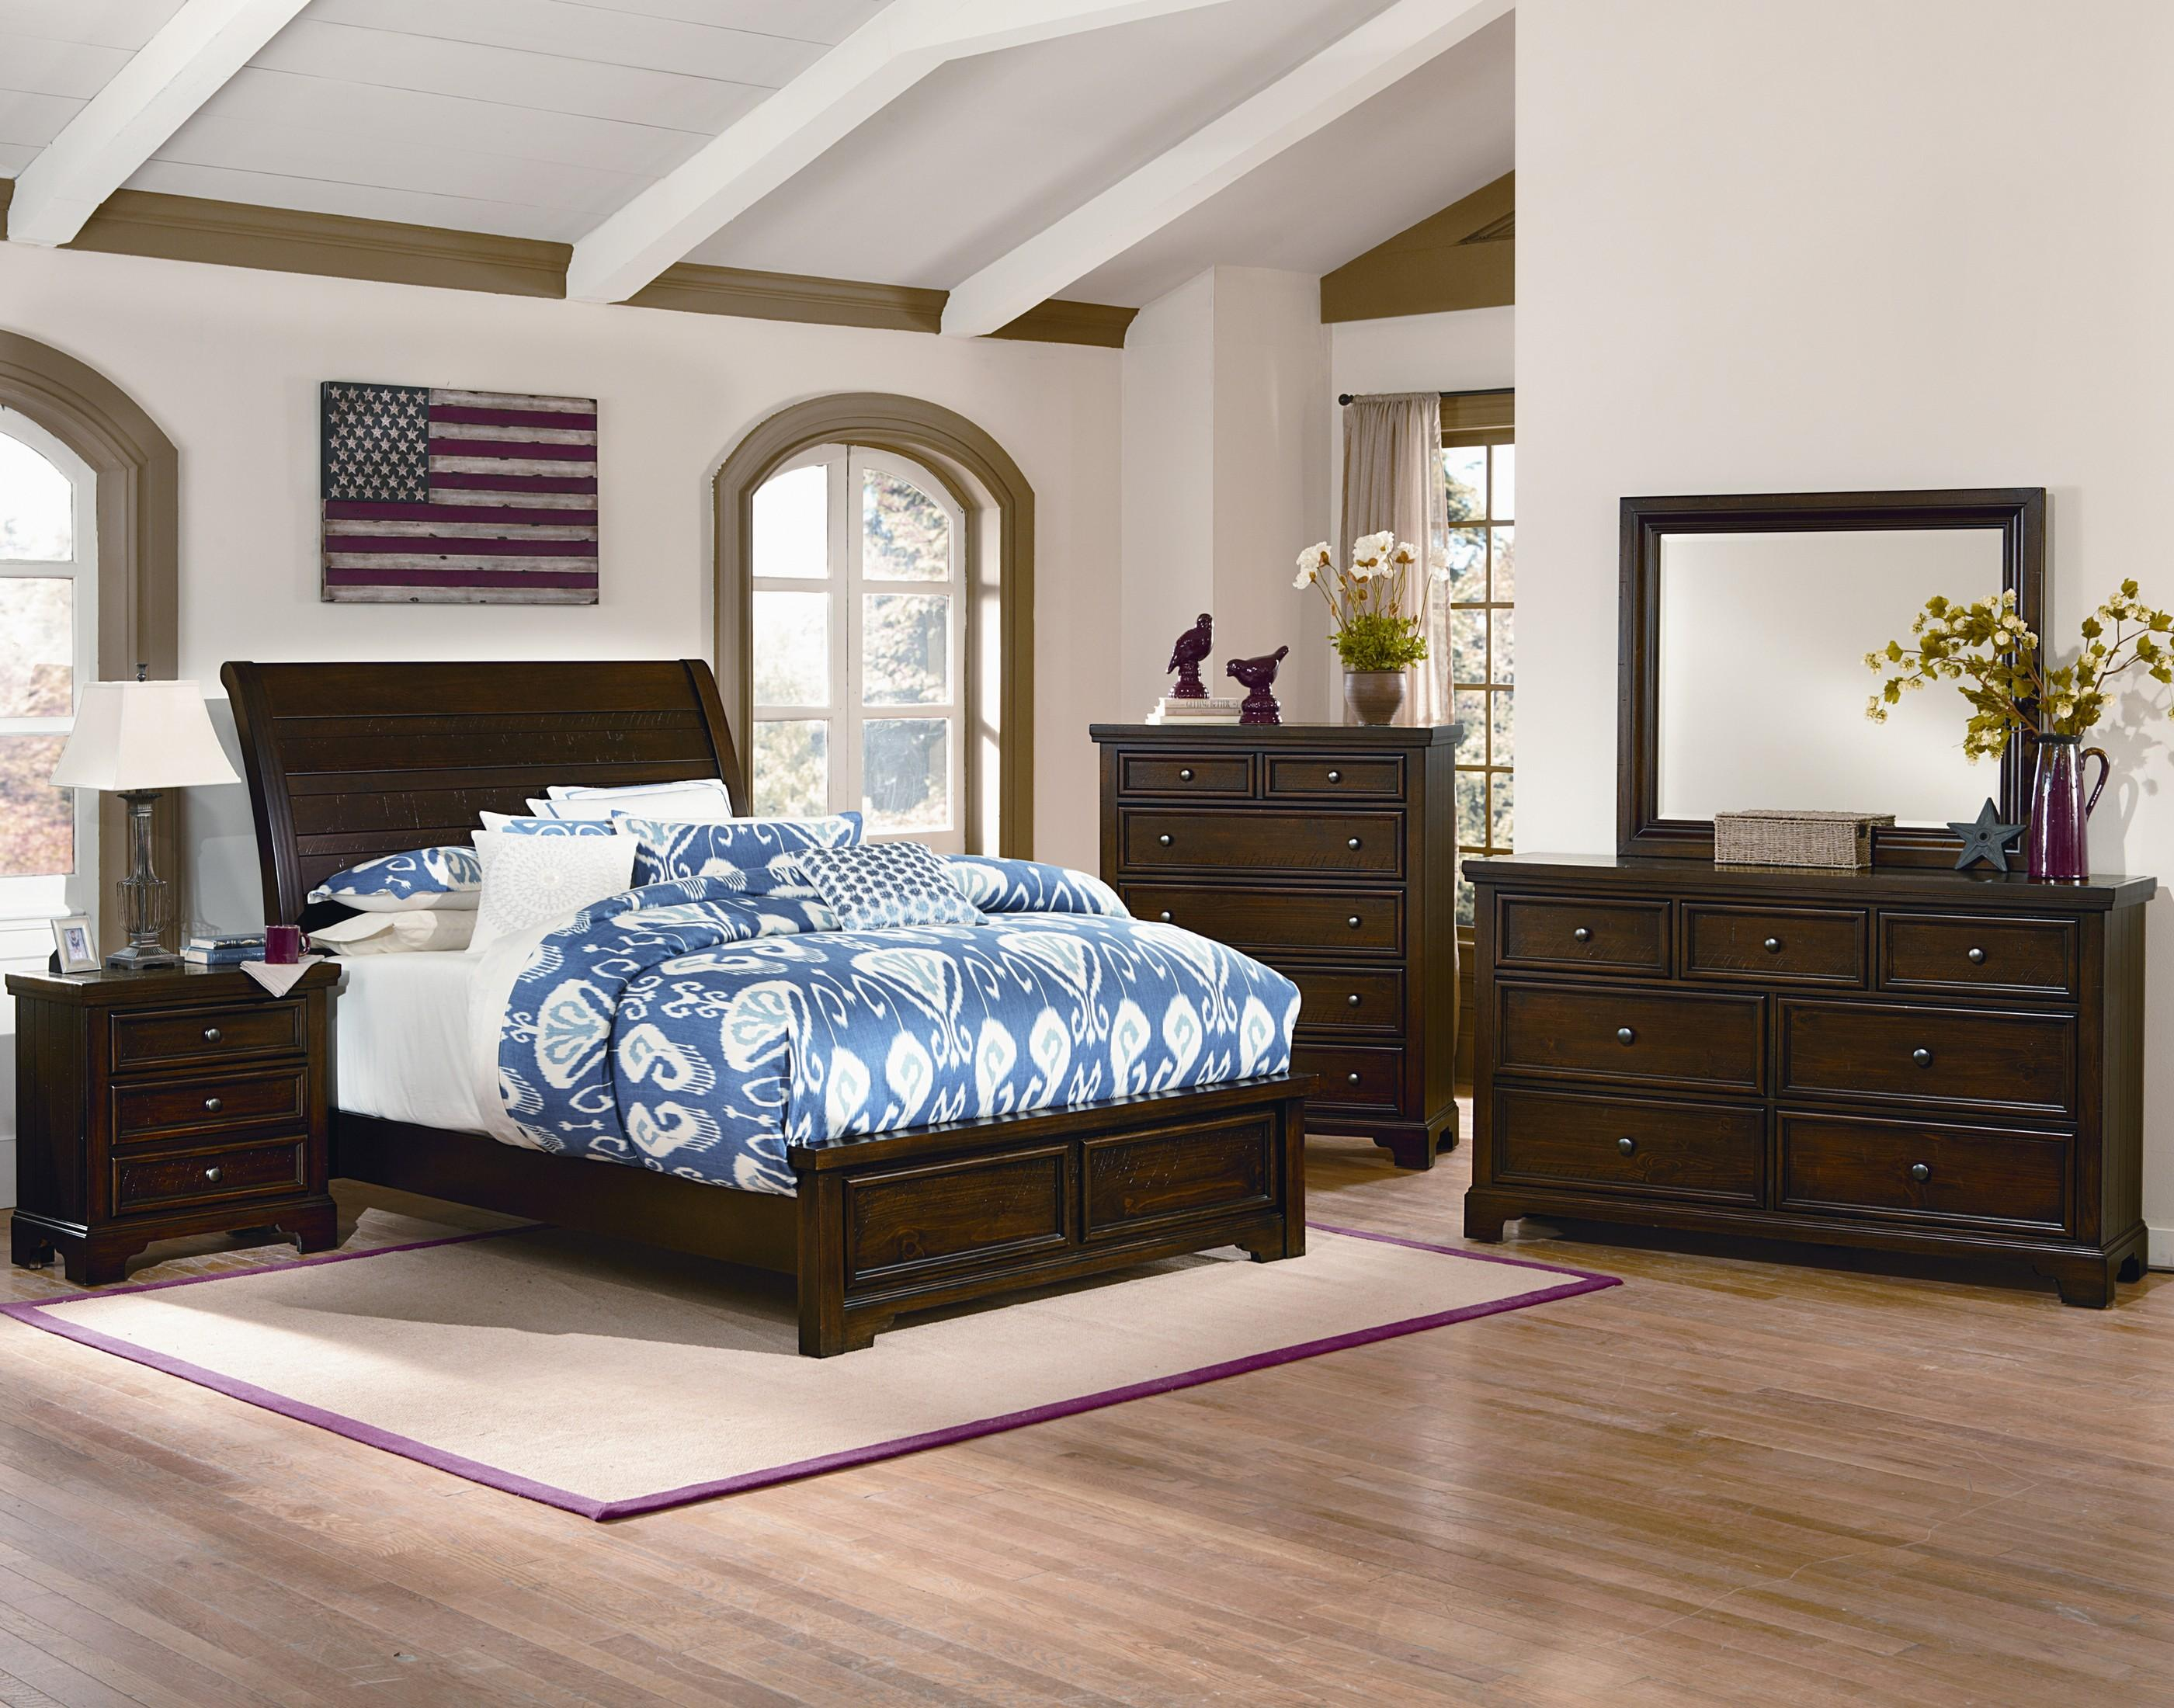 vaughan bassett hanover king bedroom group item number 810 k